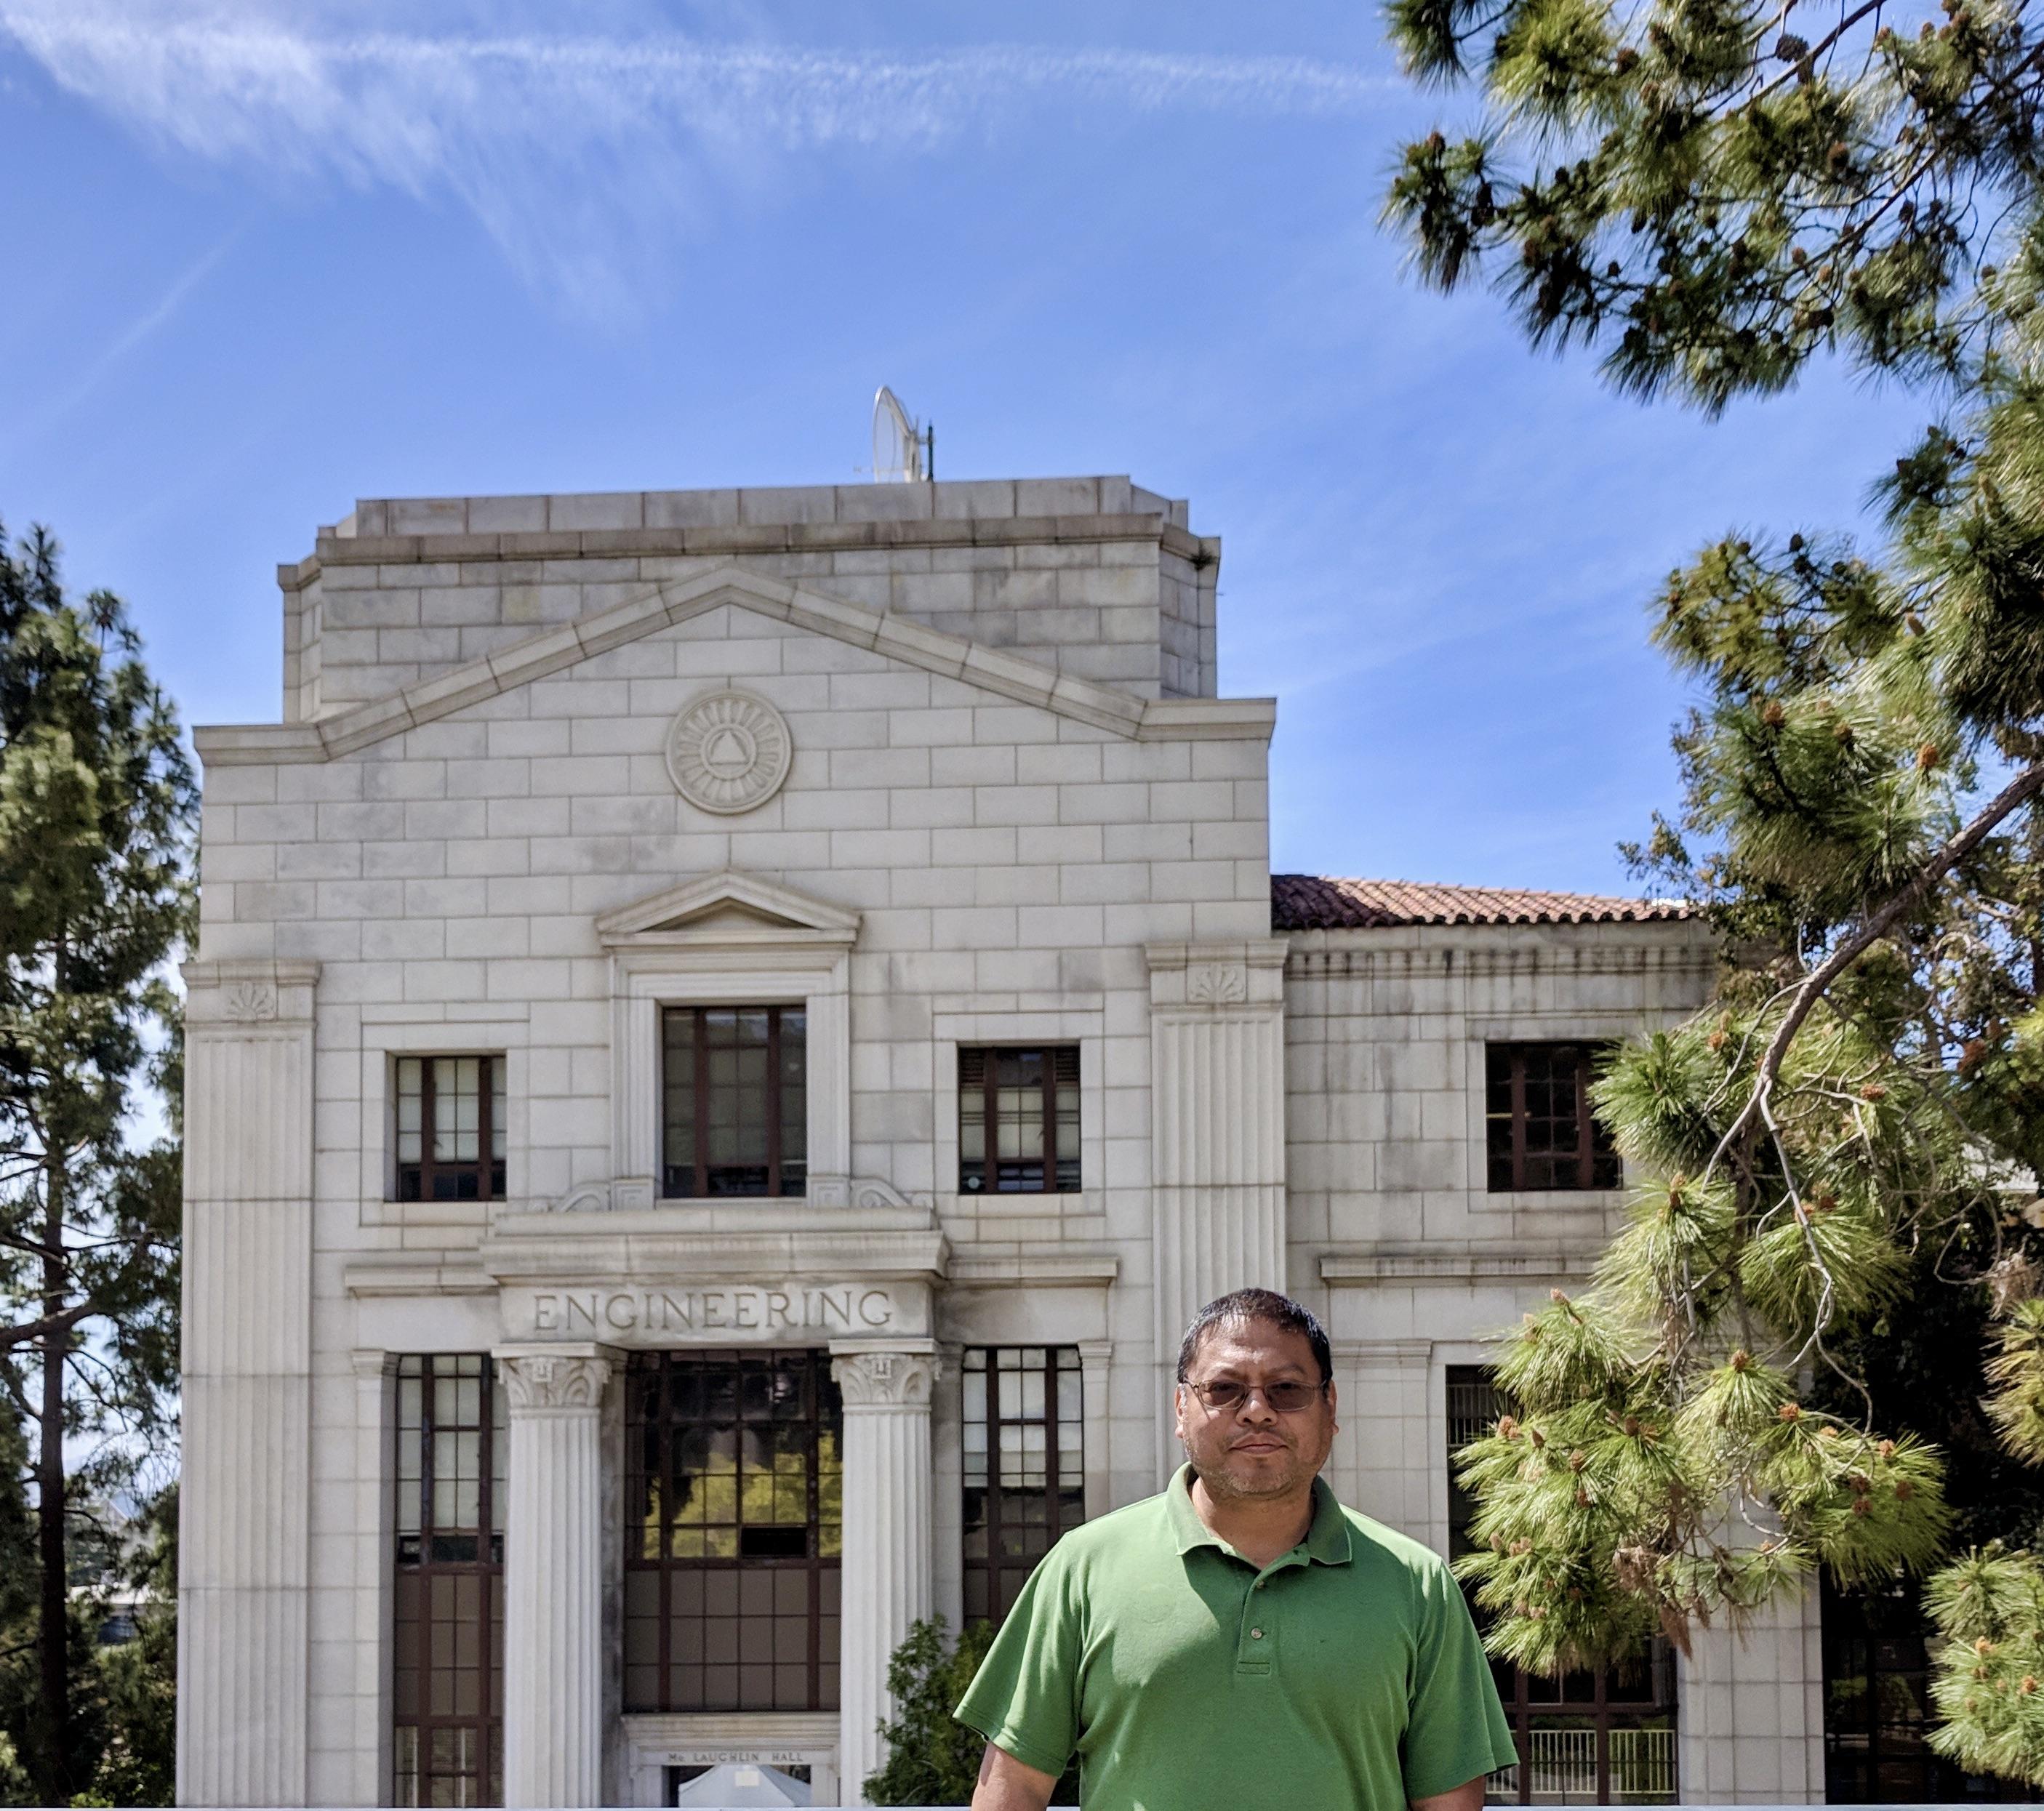 Salirse de la zona de confort llevó a Adán Sánchez, egresado del INAOE, de Puebla a Silicon Valley